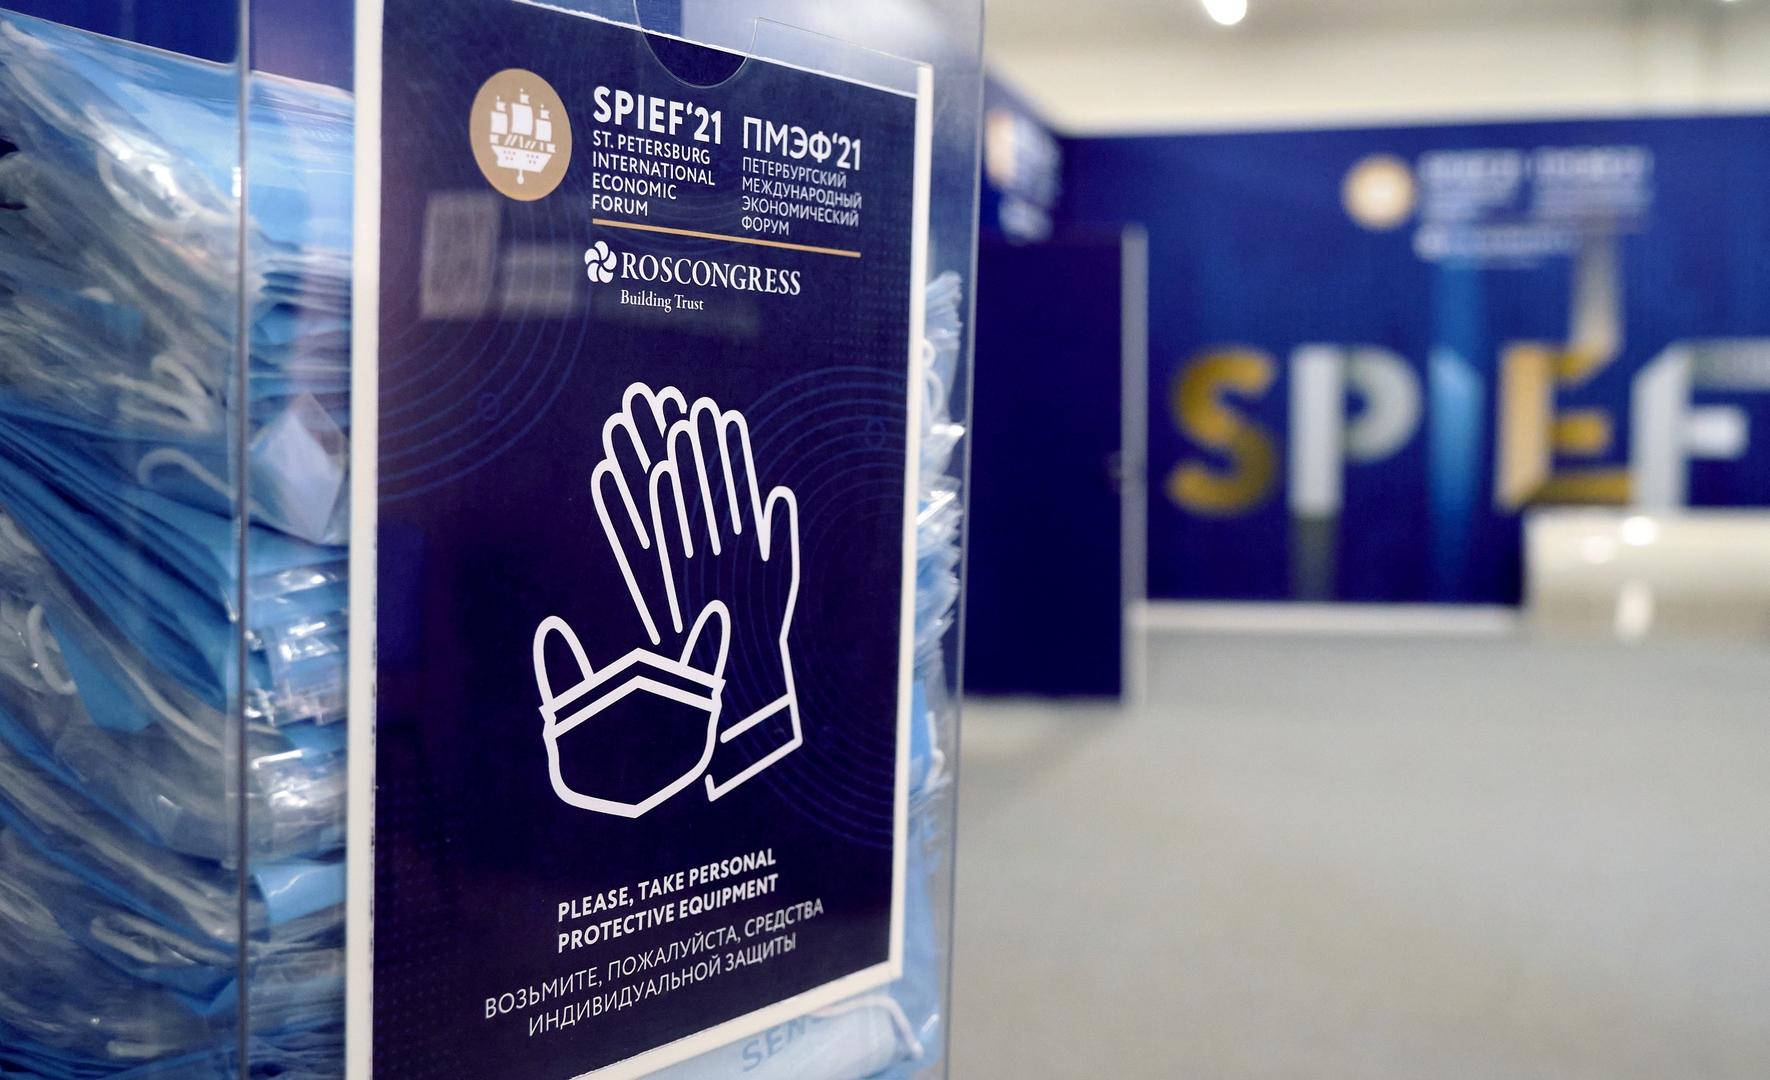 أكثر من 320 اتفاقية يخطط توقيعها في منتدى بطرسبورغ الاقتصادي الدولي